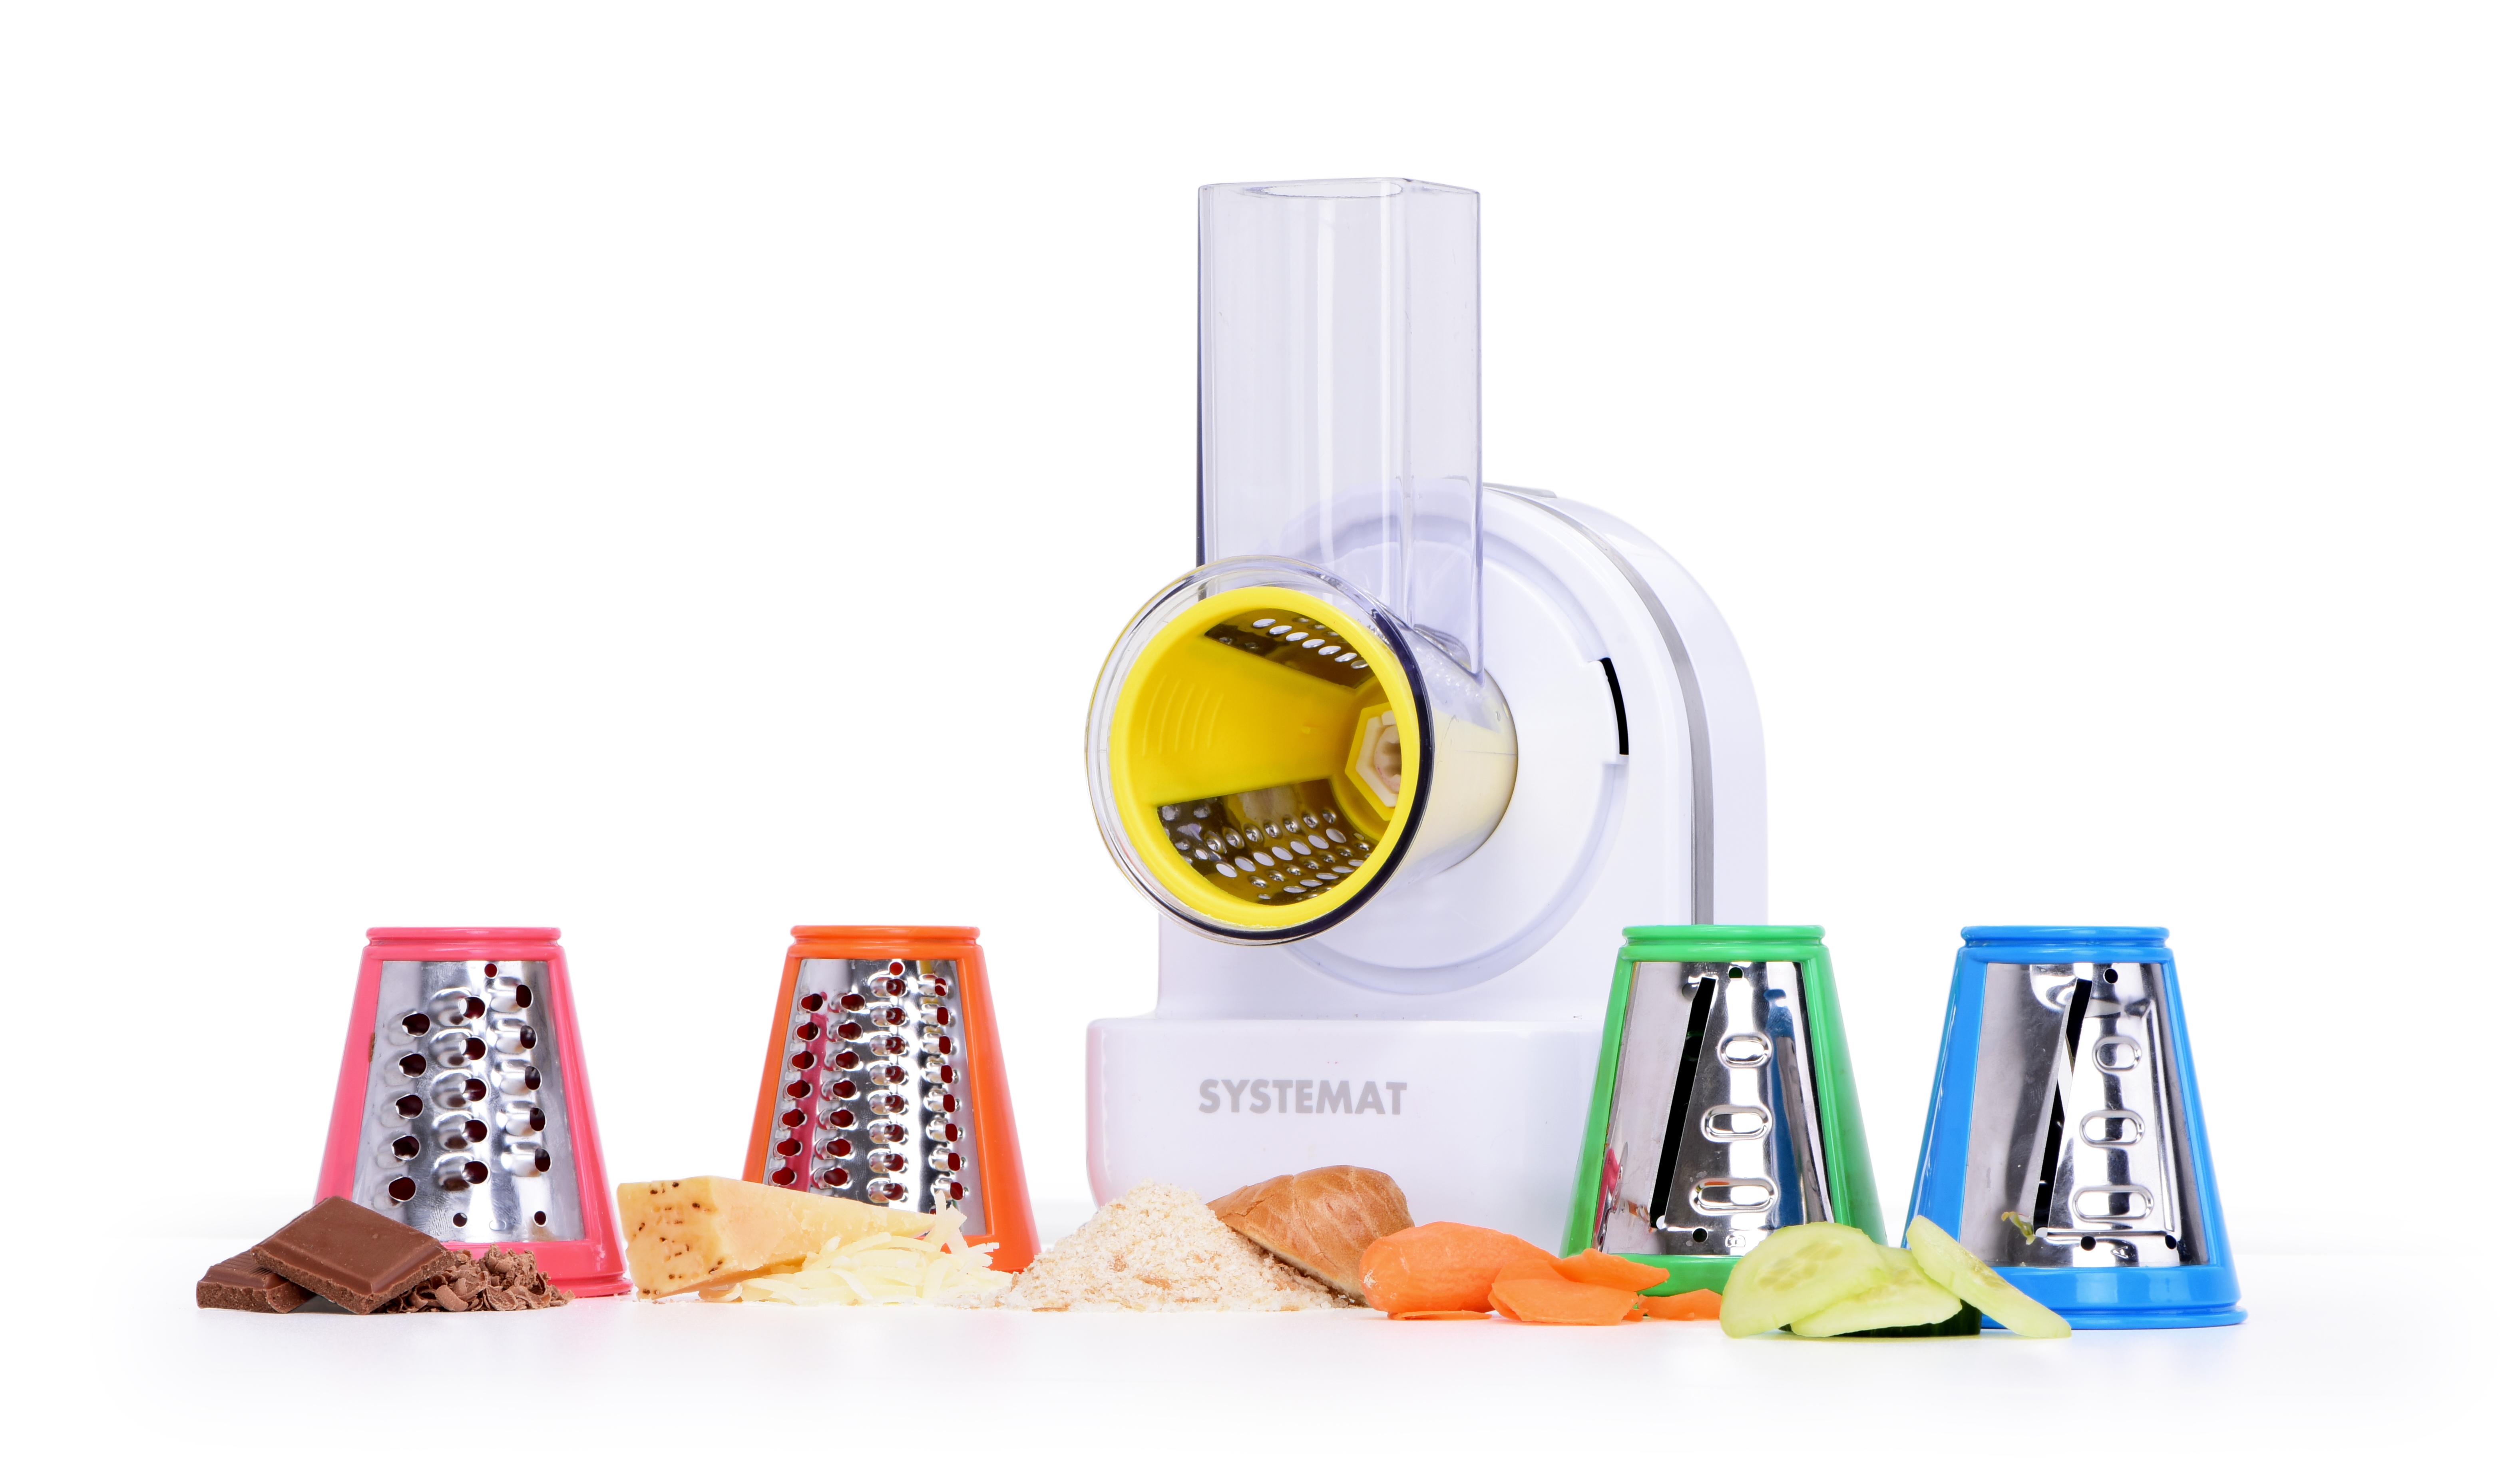 7v1 elektrické struhadlo + citrolis + zmrzlinátor MULTIGRATER, SYSTEMAT